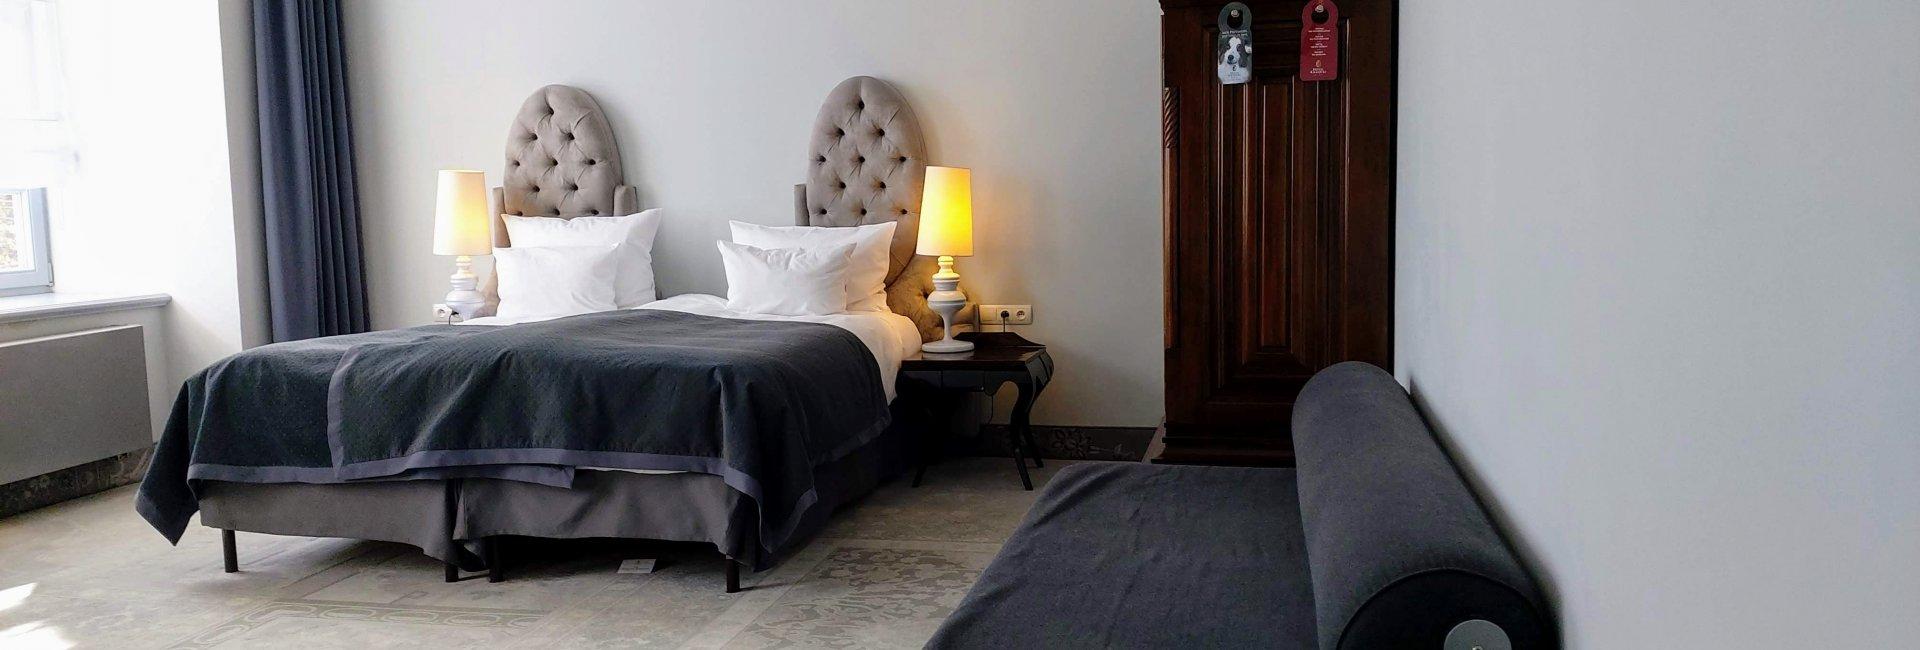 Dwuosobowy barokowy z kanapą